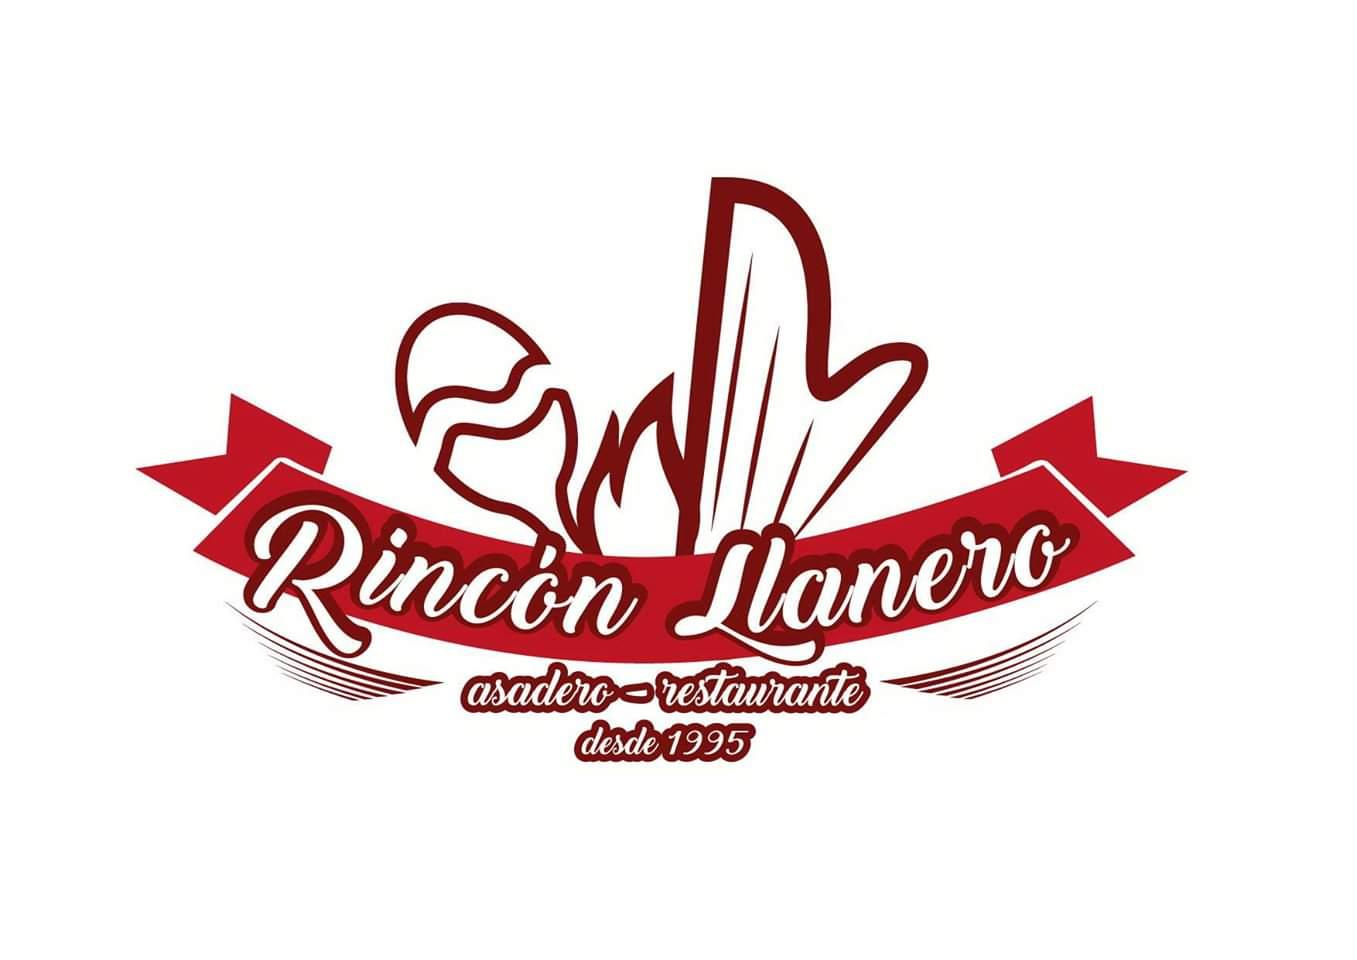 Rincon Llanero